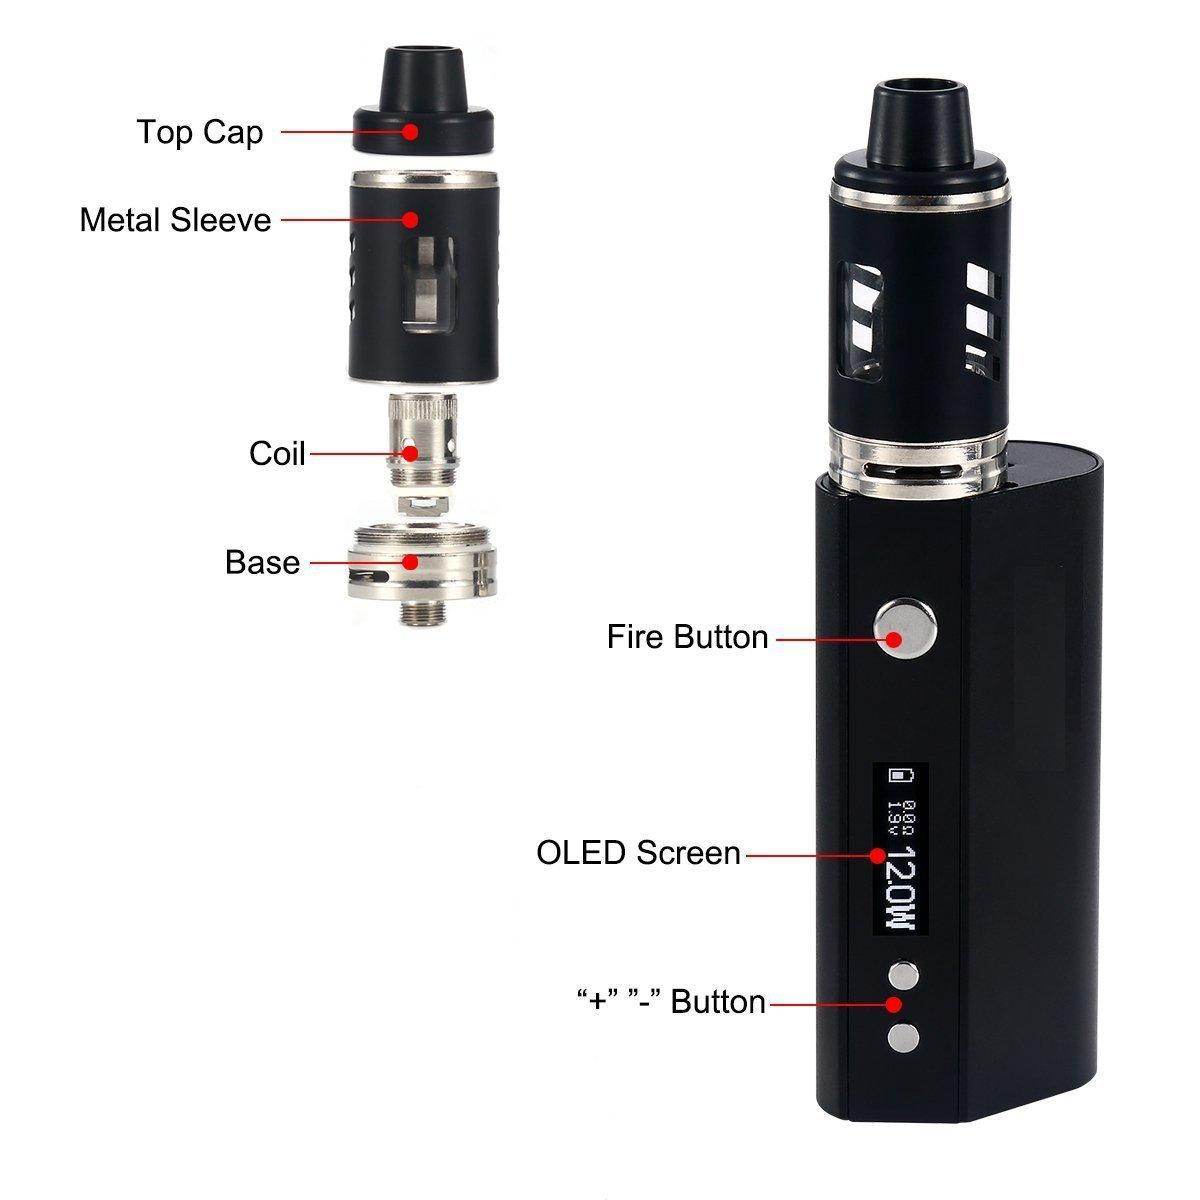 Cigarrillo Electrónico, 80W Función de Relleno a Tope Atomizer 0.3ohm,Atomizadore Vapeador Kit de cigarrillo electrónico, Kit de E- Cigarrillo, Sin Nicotina ...